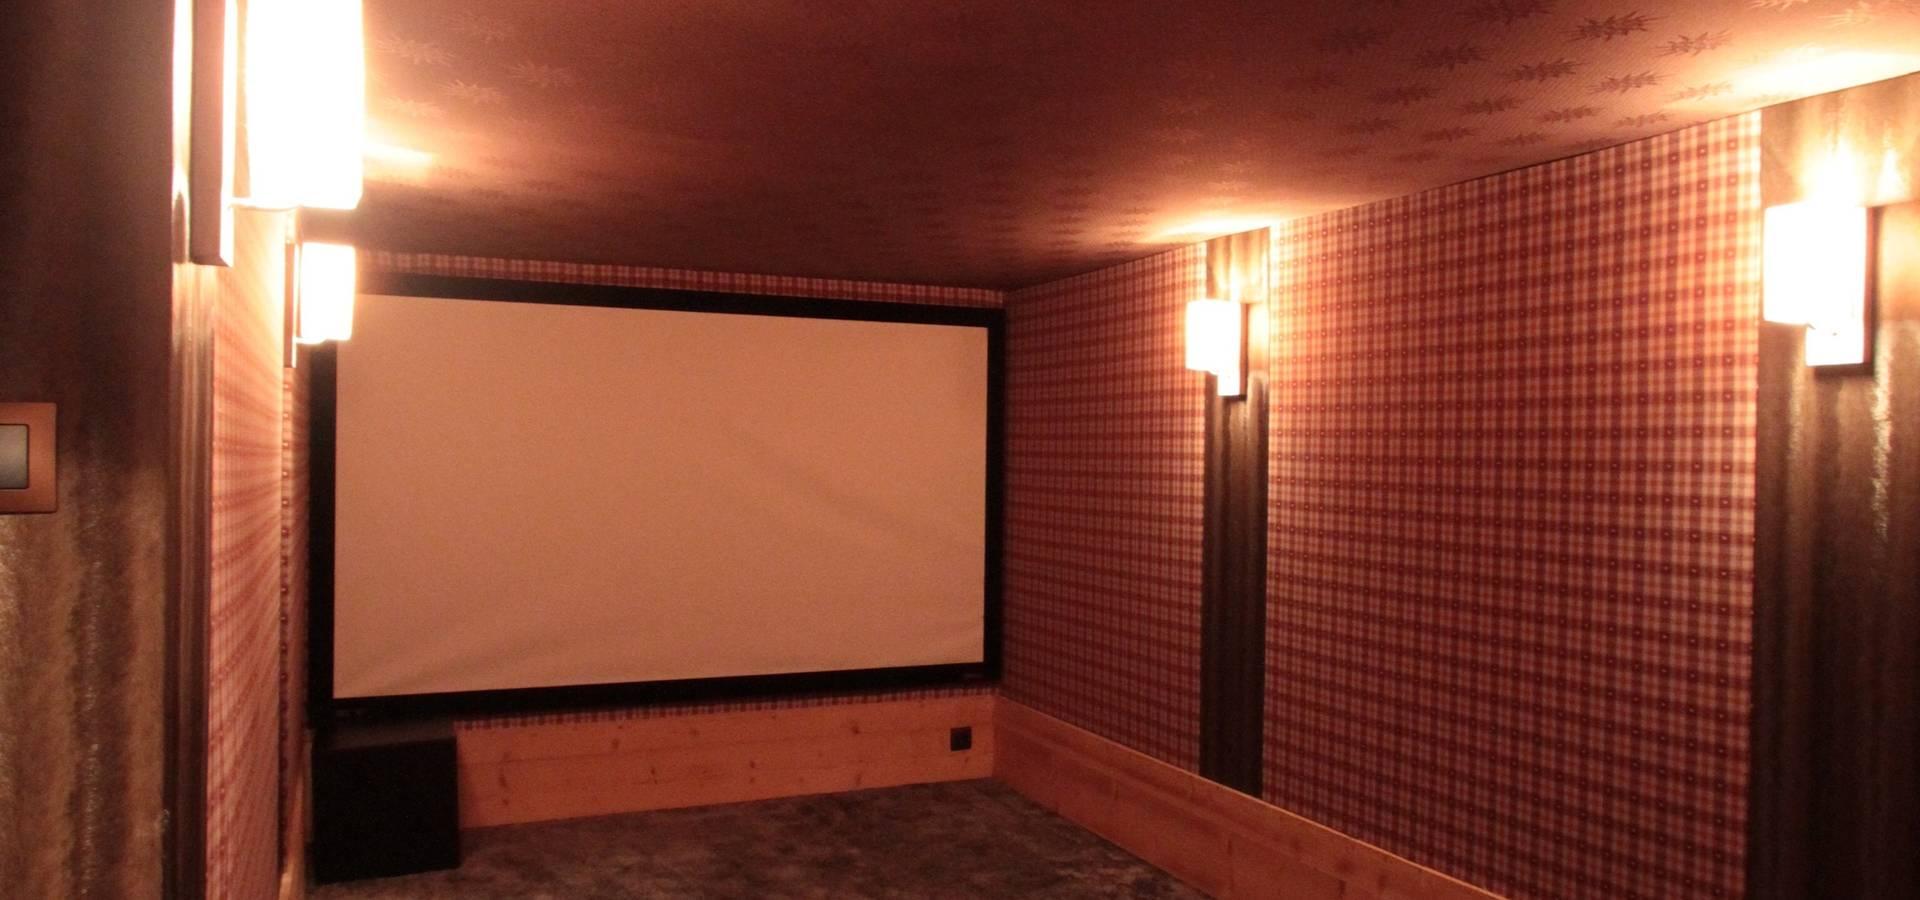 Salle De Cinema Et Home Cinema By Design Et Interieur Homify